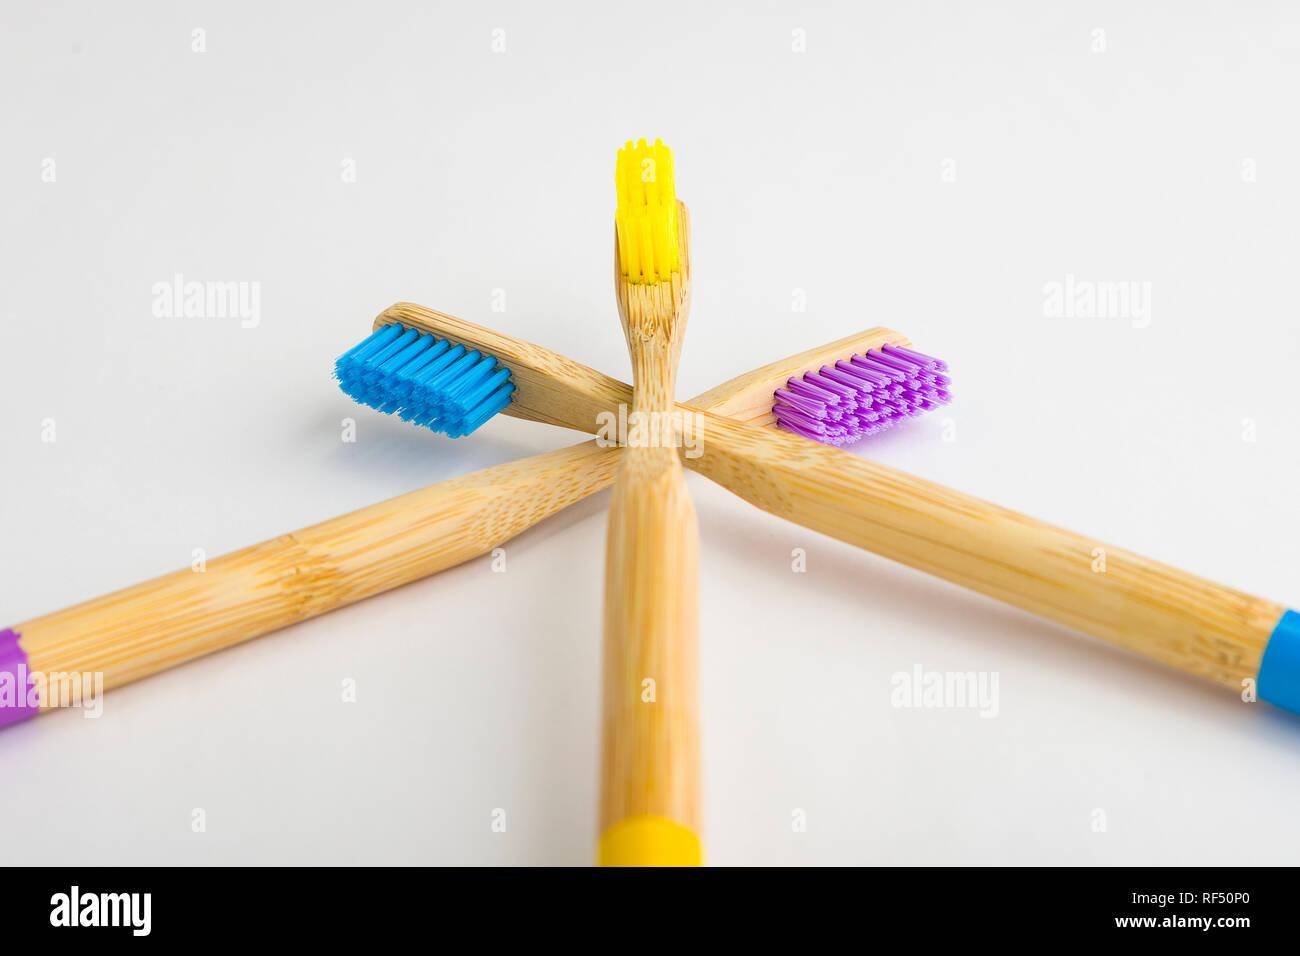 La guerre sur le plastique a commencé et des brosses à dents en bambou sont l'un de ces produits augmentent dans la popularité pour c'est eco friendly l'innovation pour un produit d'usage courant Photo Stock